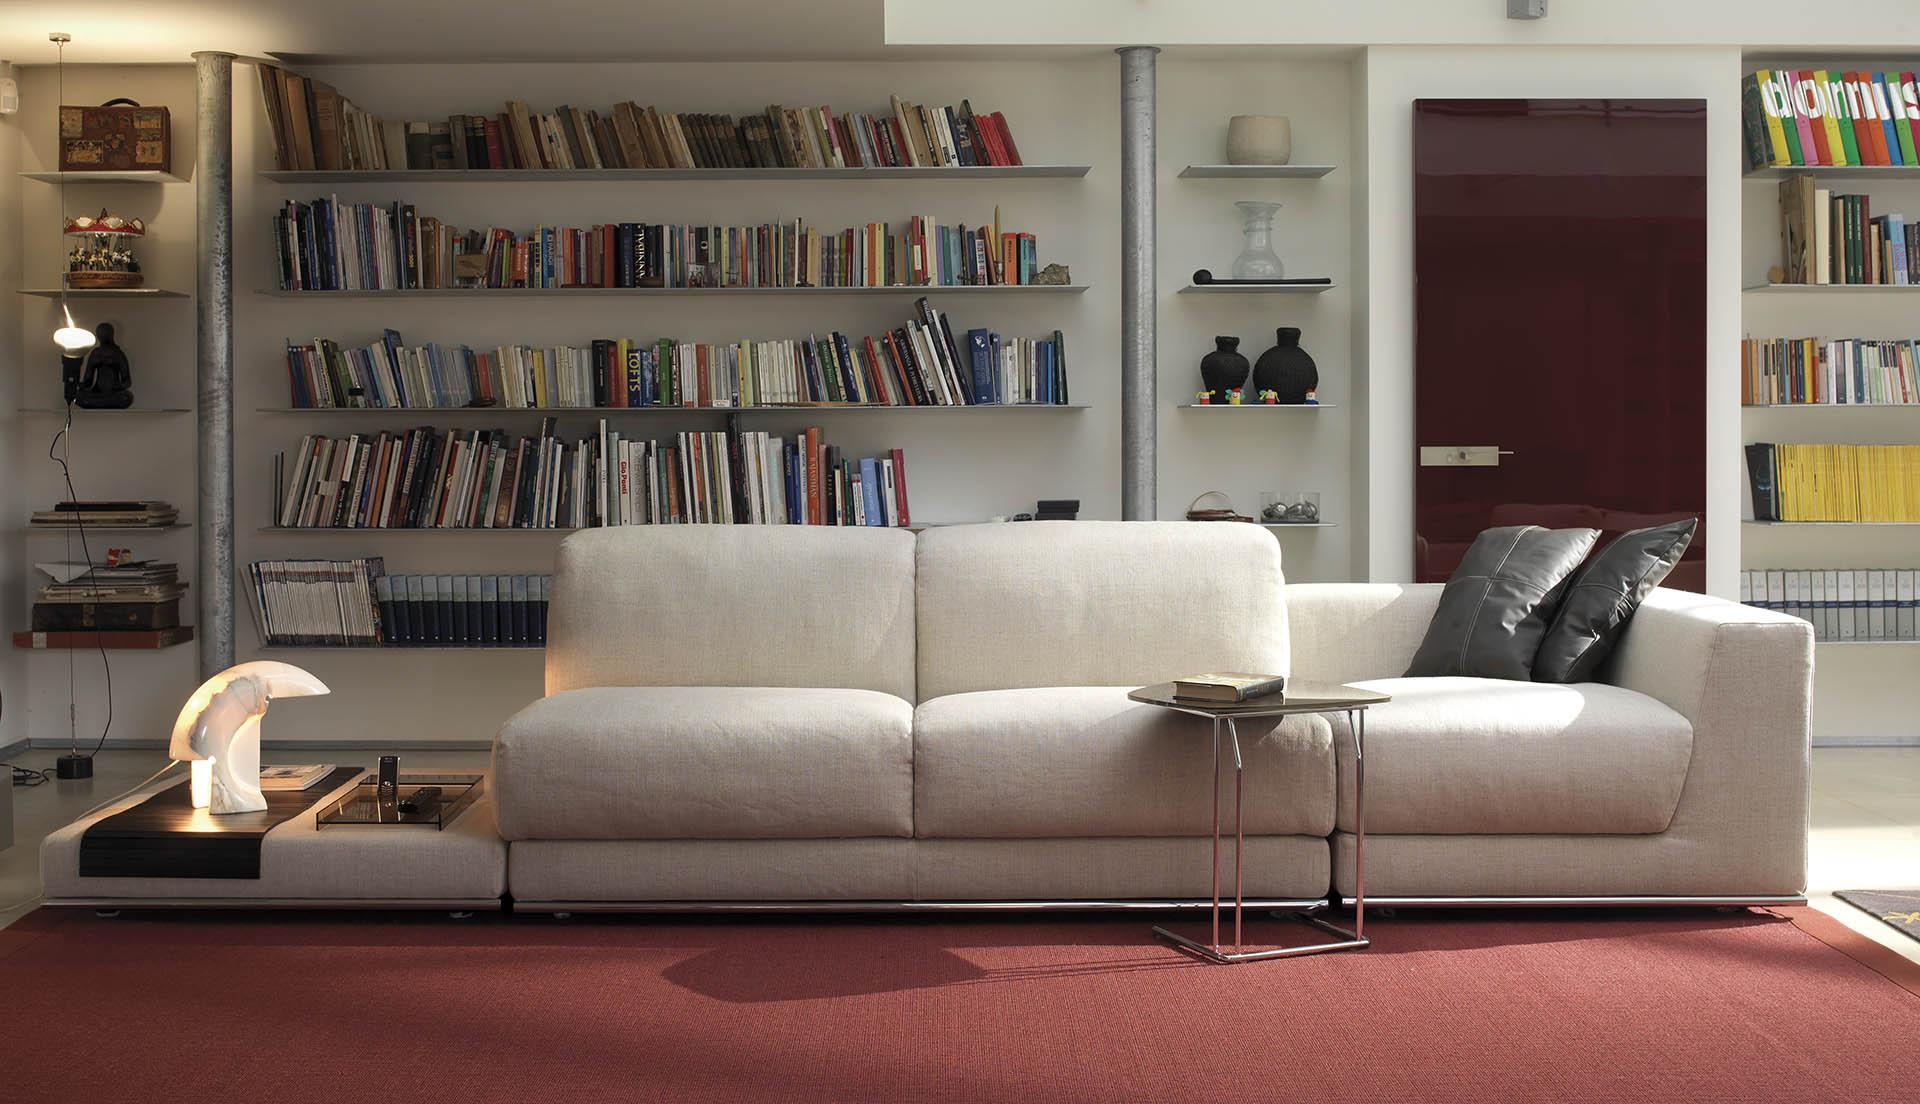 Negozi di divani a milano perfect outlet arredamento for Tessuti arredamento outlet milano